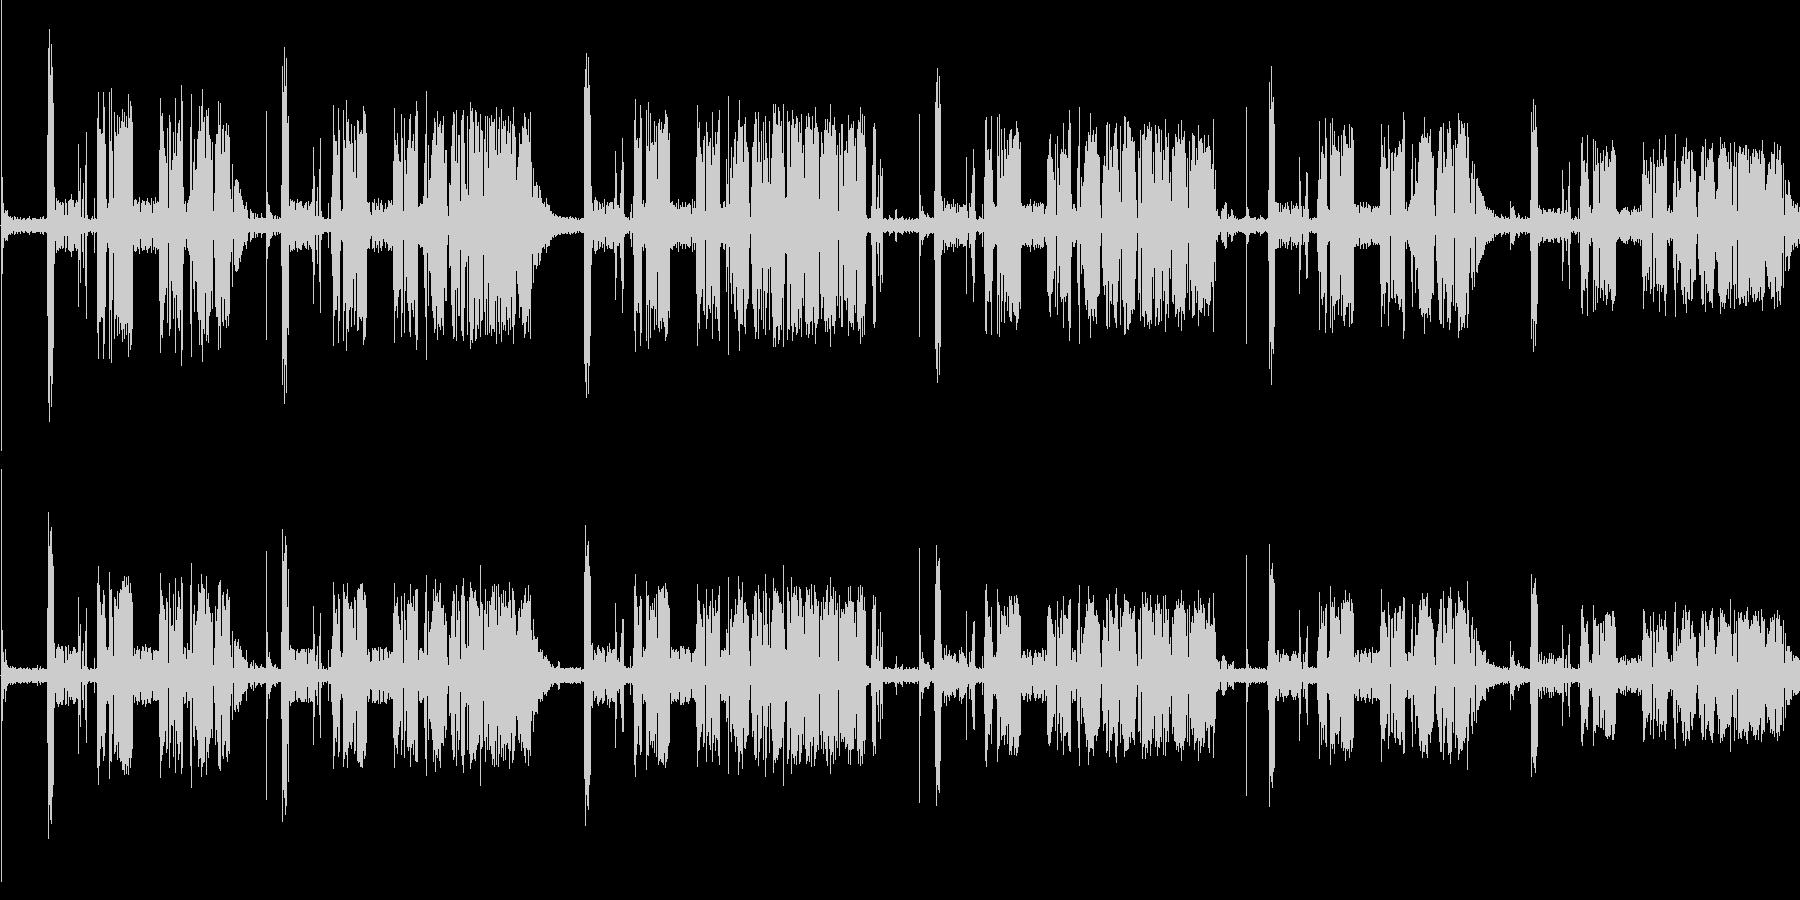 【無線,ラジオ】ノイズ,ザザー,ジジーの未再生の波形